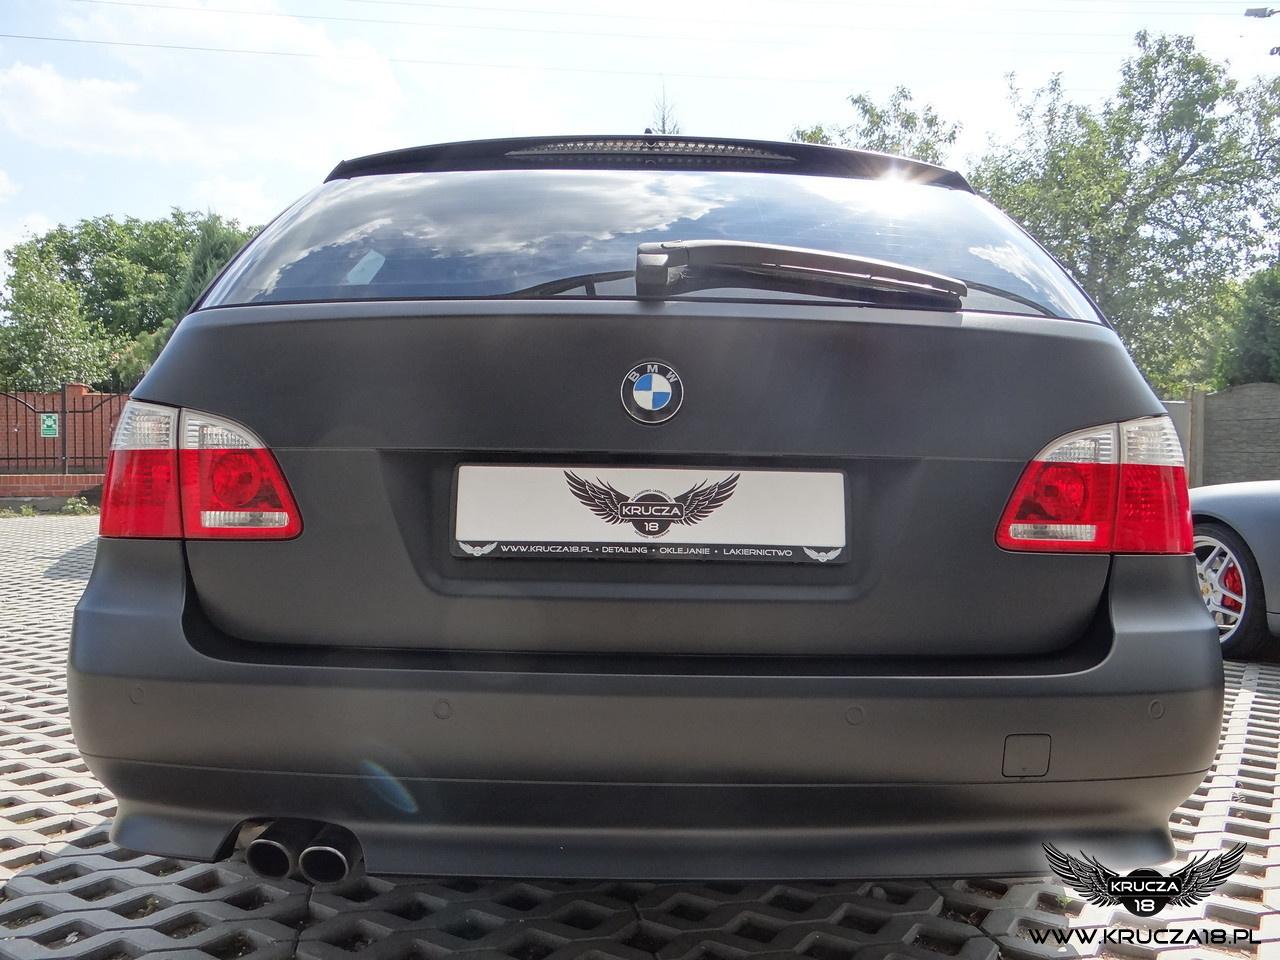 BMW 5 : zmiana koloru auta folia : czarny mat : oklejanie : Krucza18 : Osielsko/k.Bydgoszczy